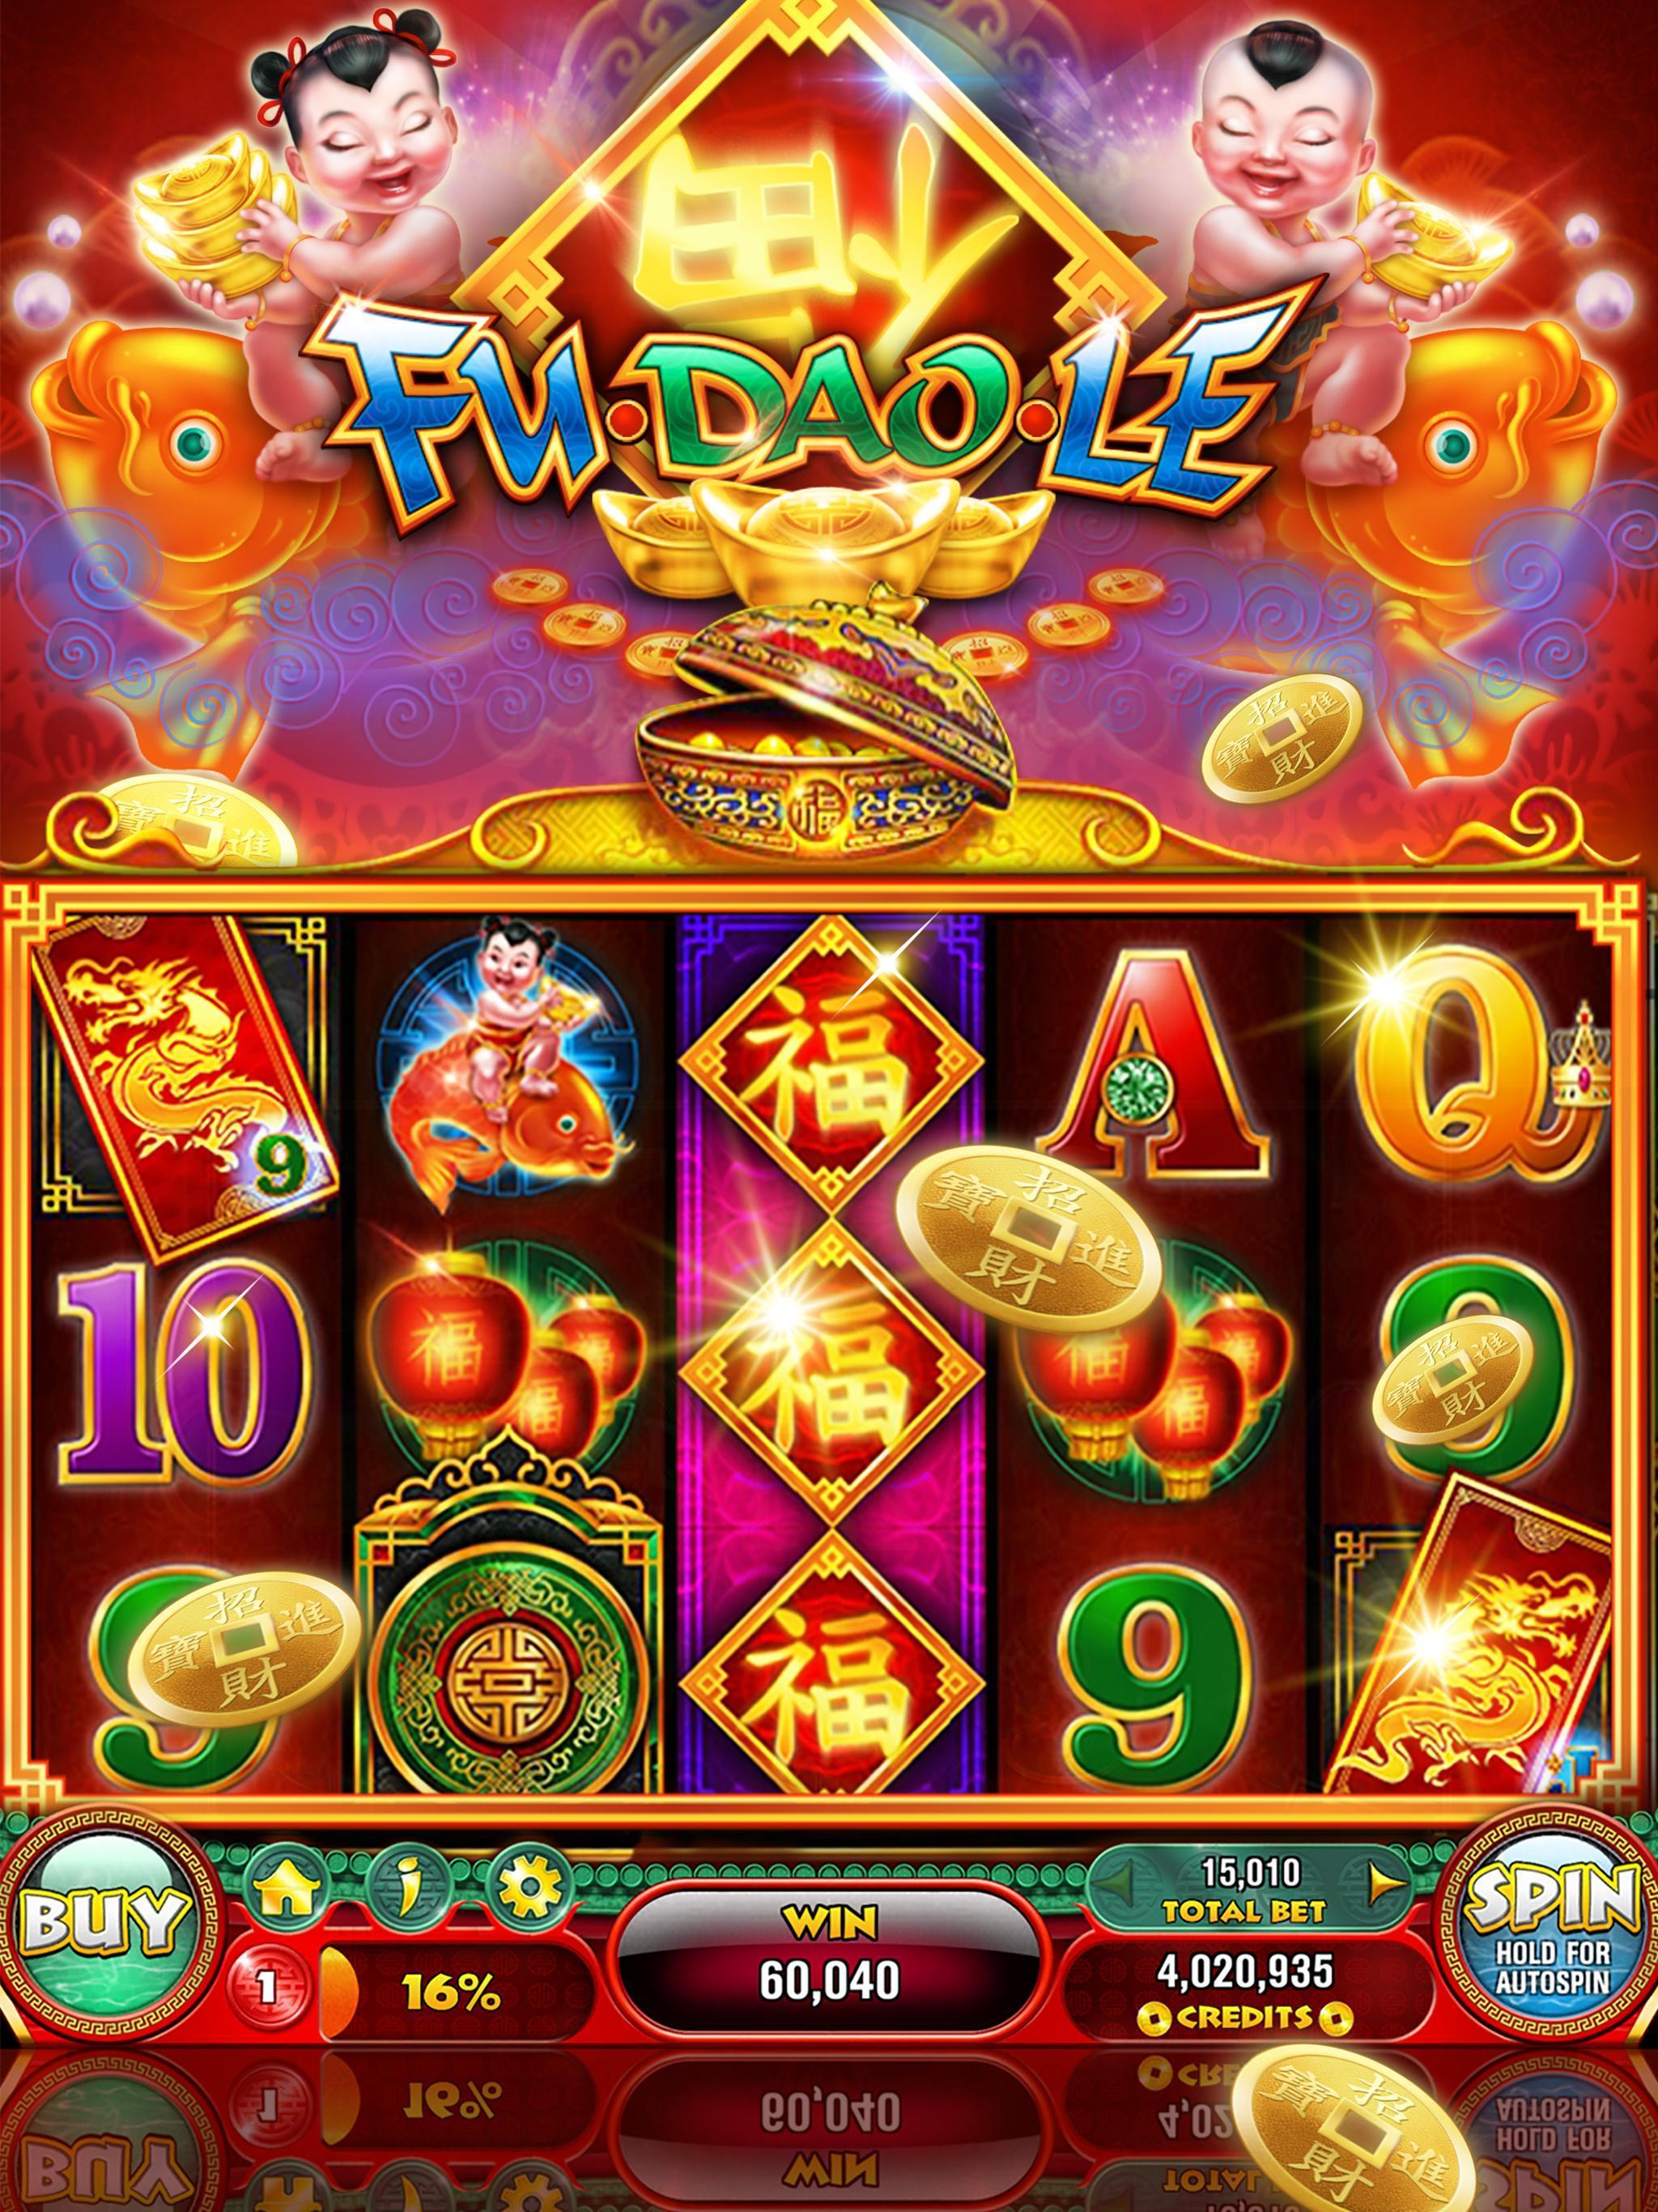 88 Fortunes Casino Games & Free Slot Machines 3.2.38 Screenshot 7